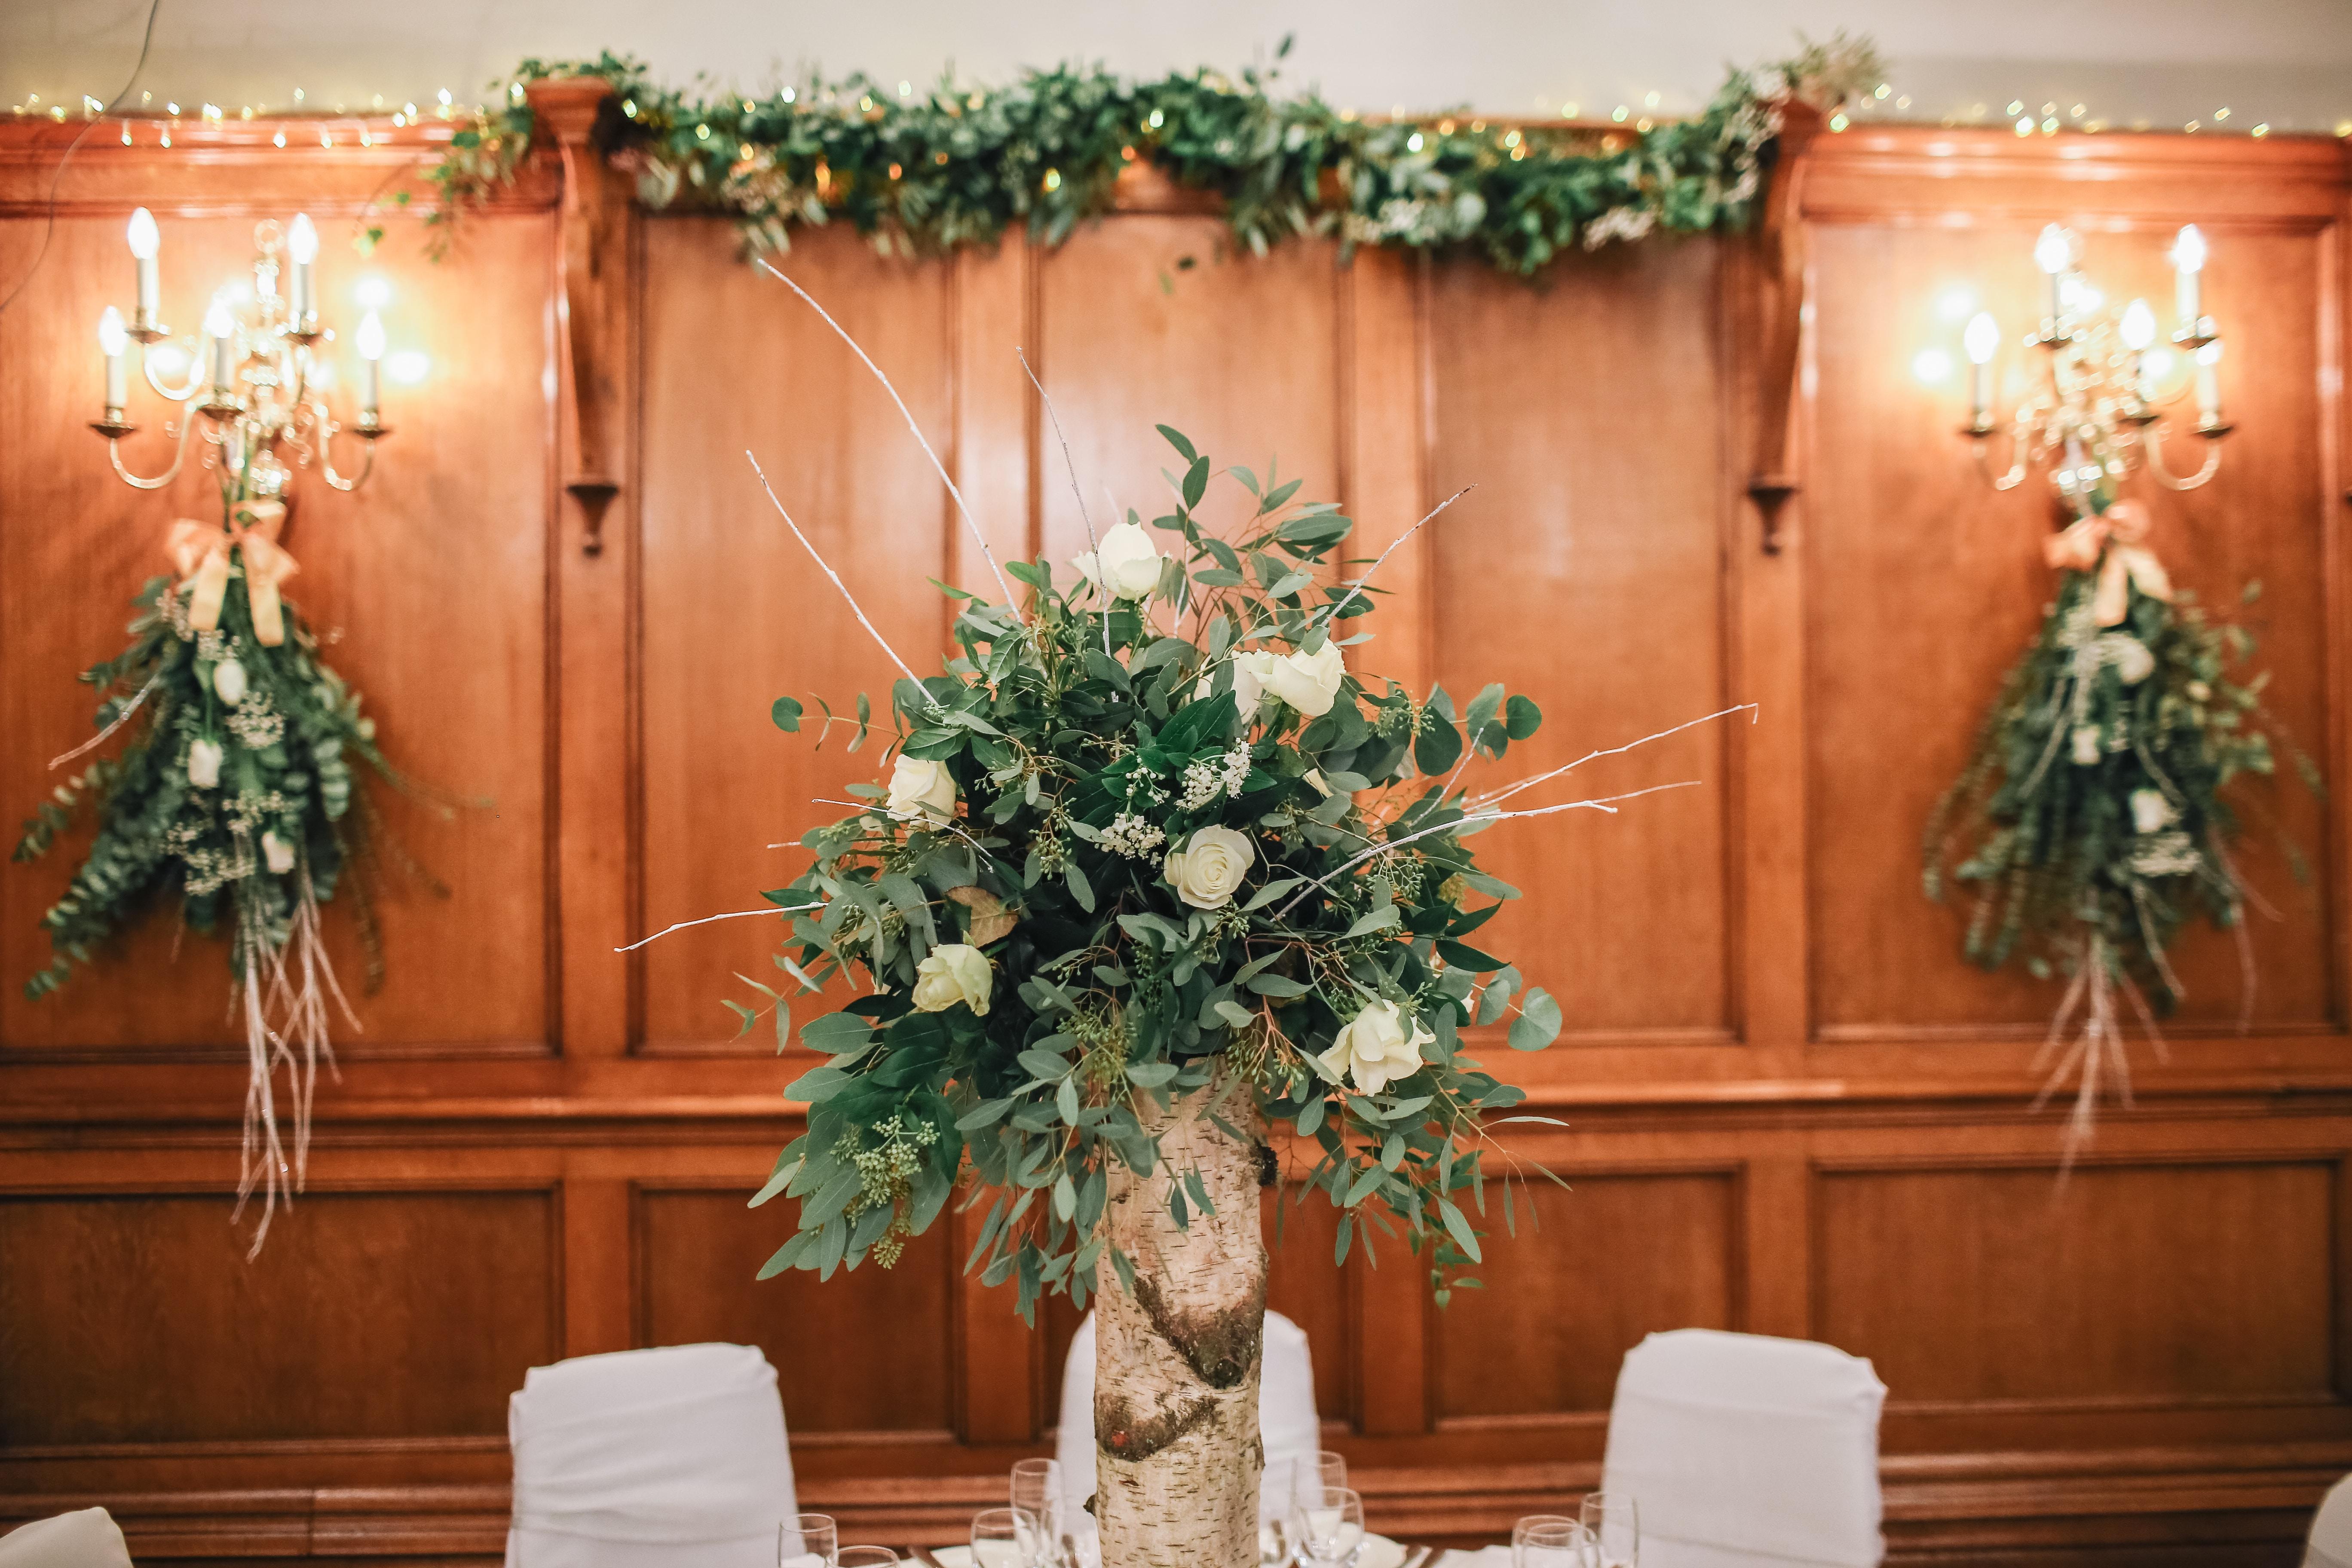 white flower arrangement on table